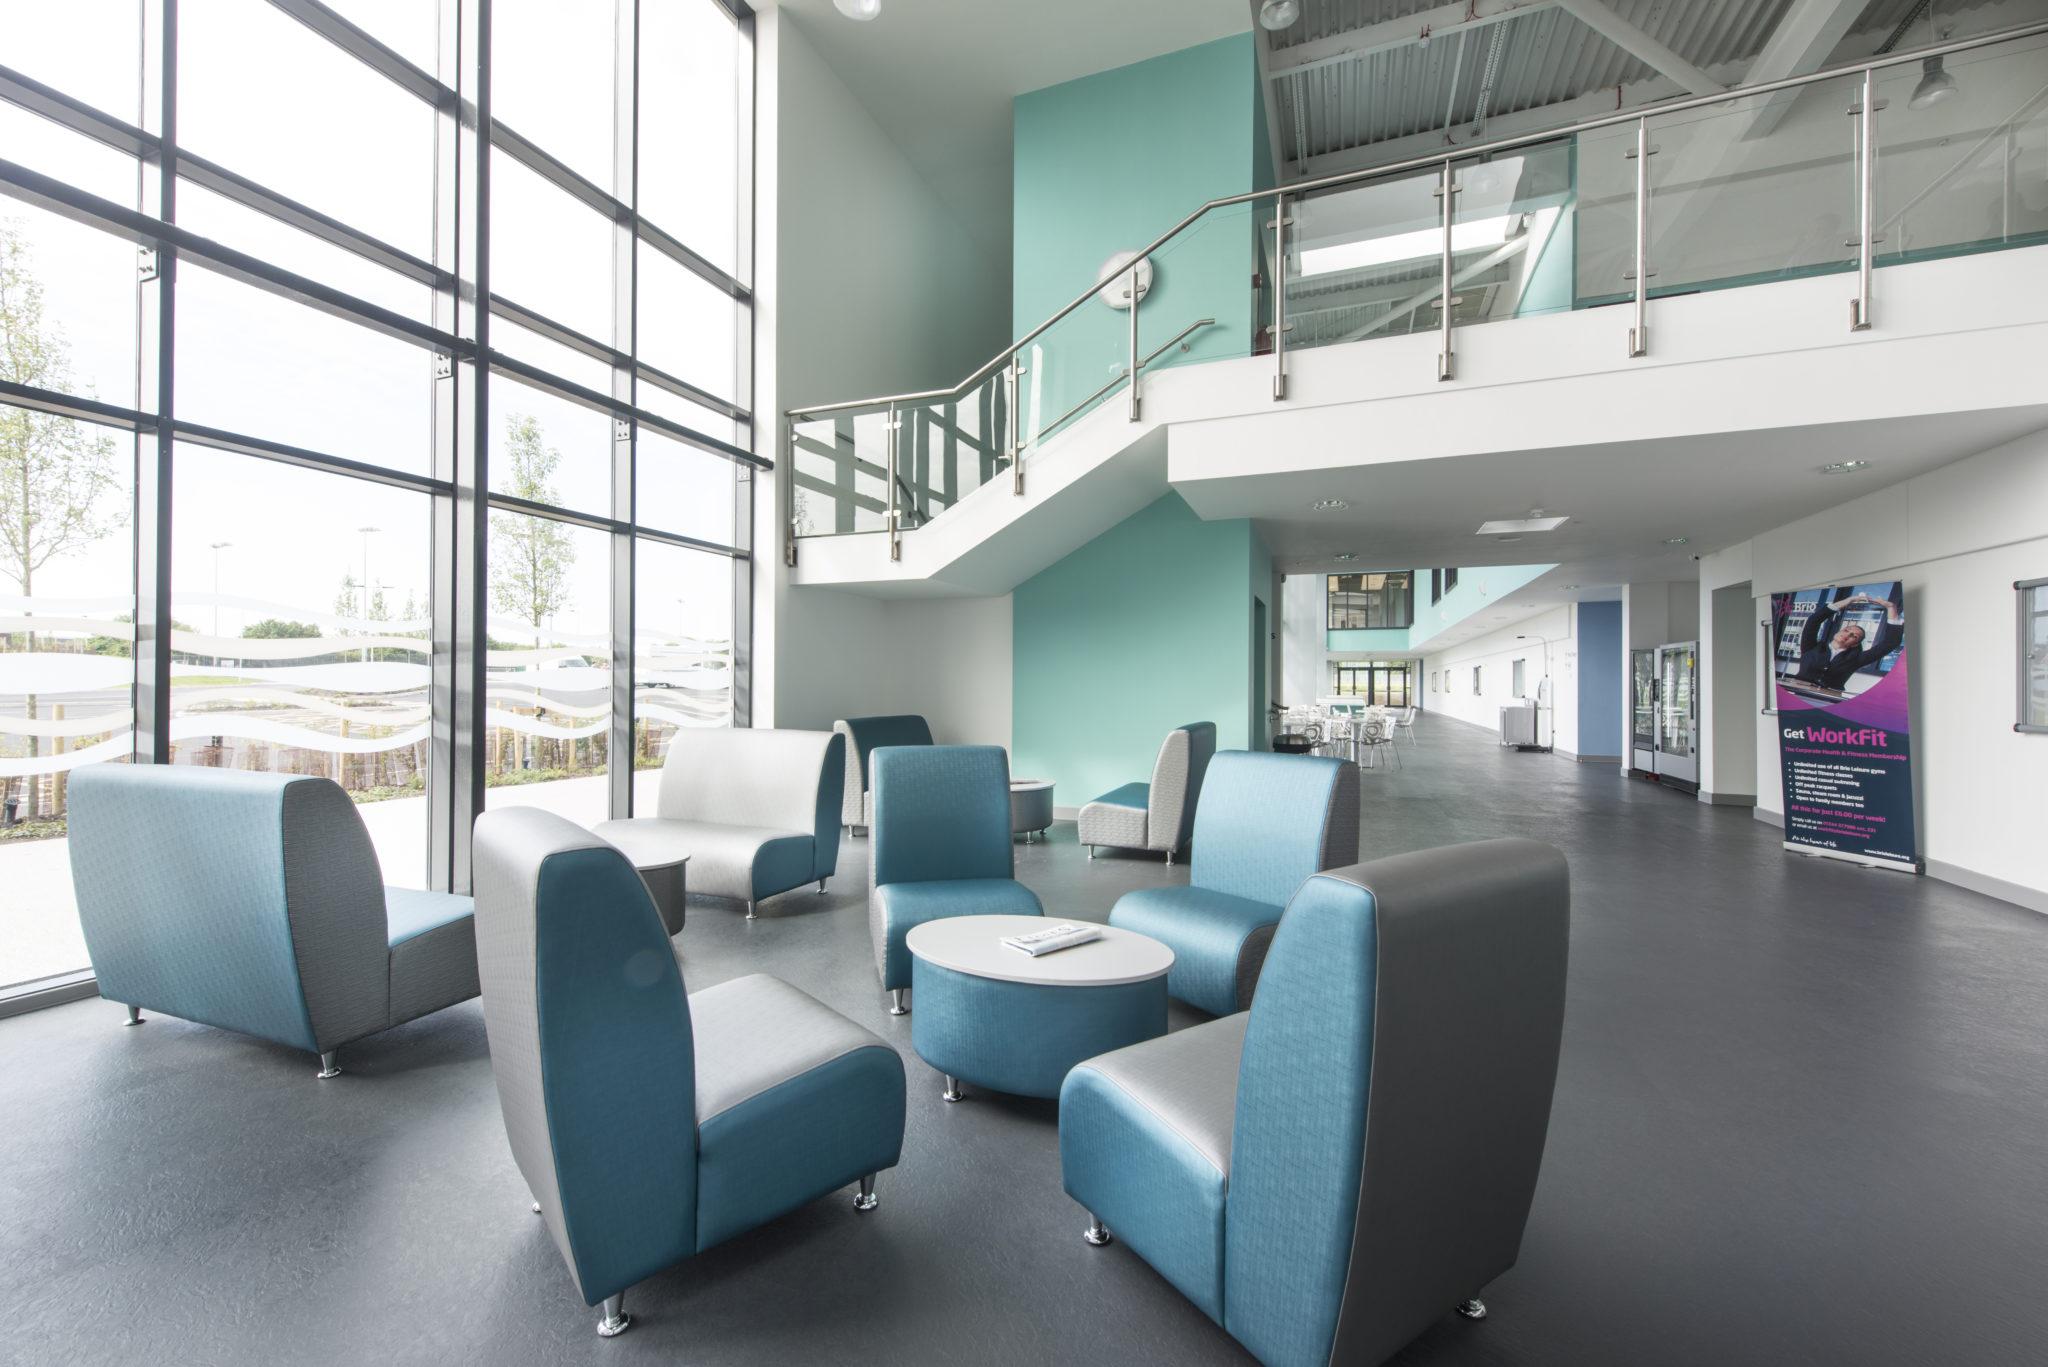 EPIC internal seating